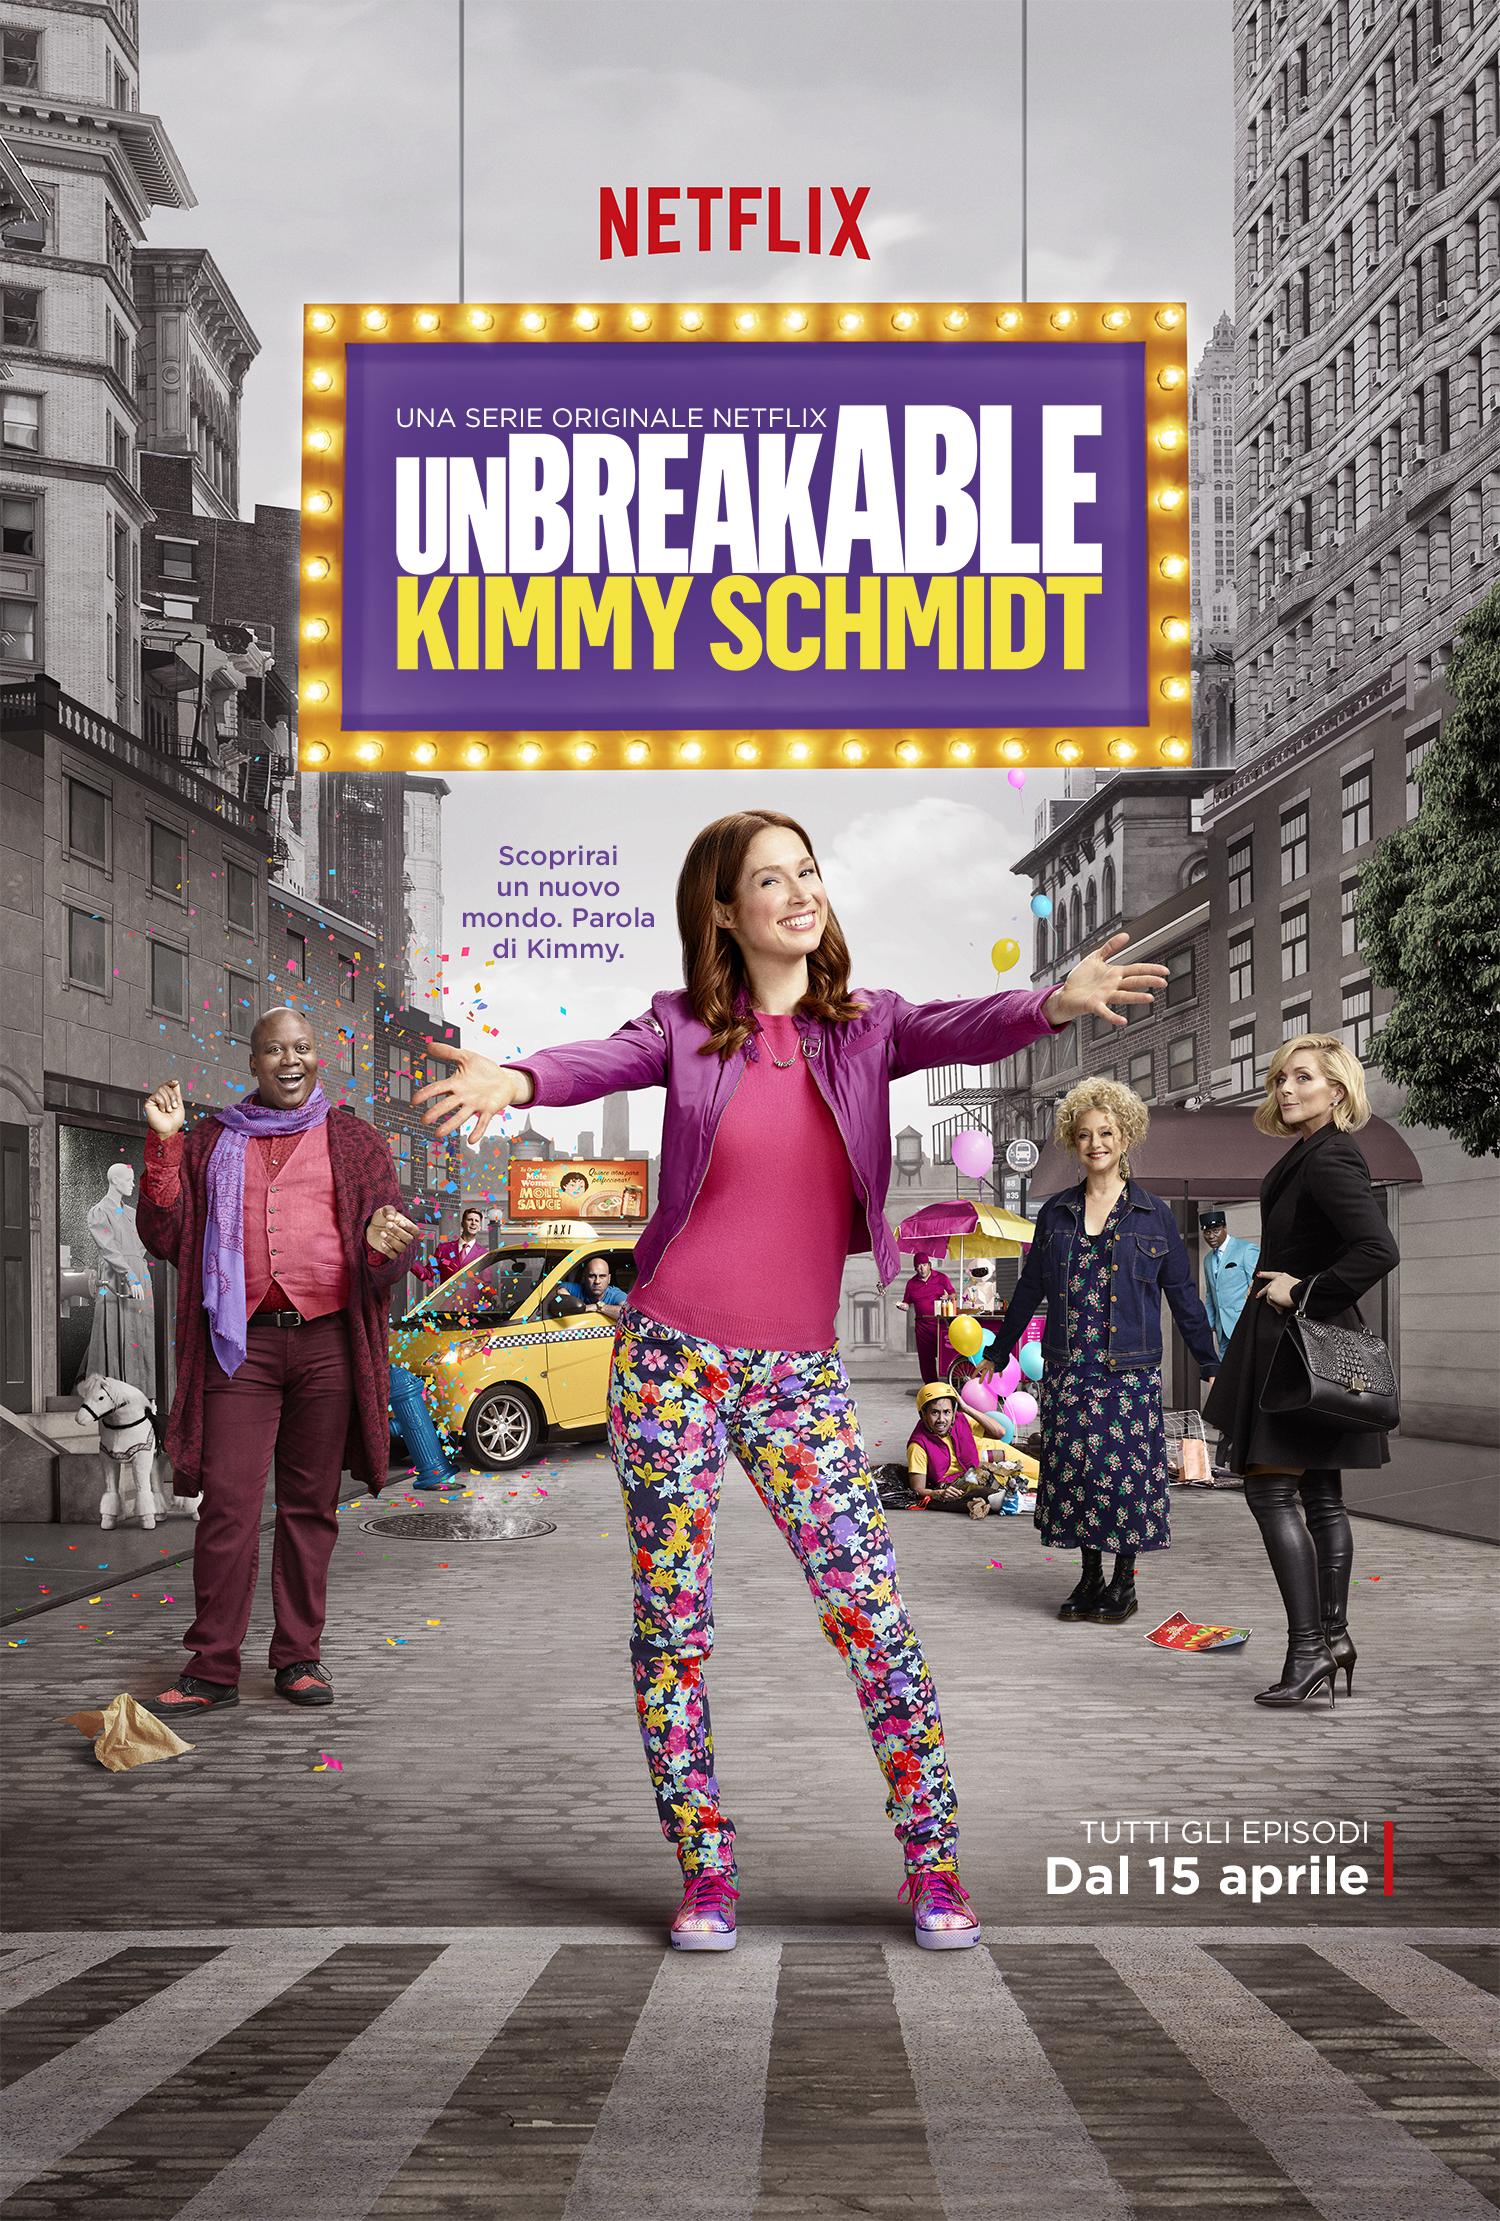 Unbreakable Kimmy Schmidt - La locandina della seconda stagione